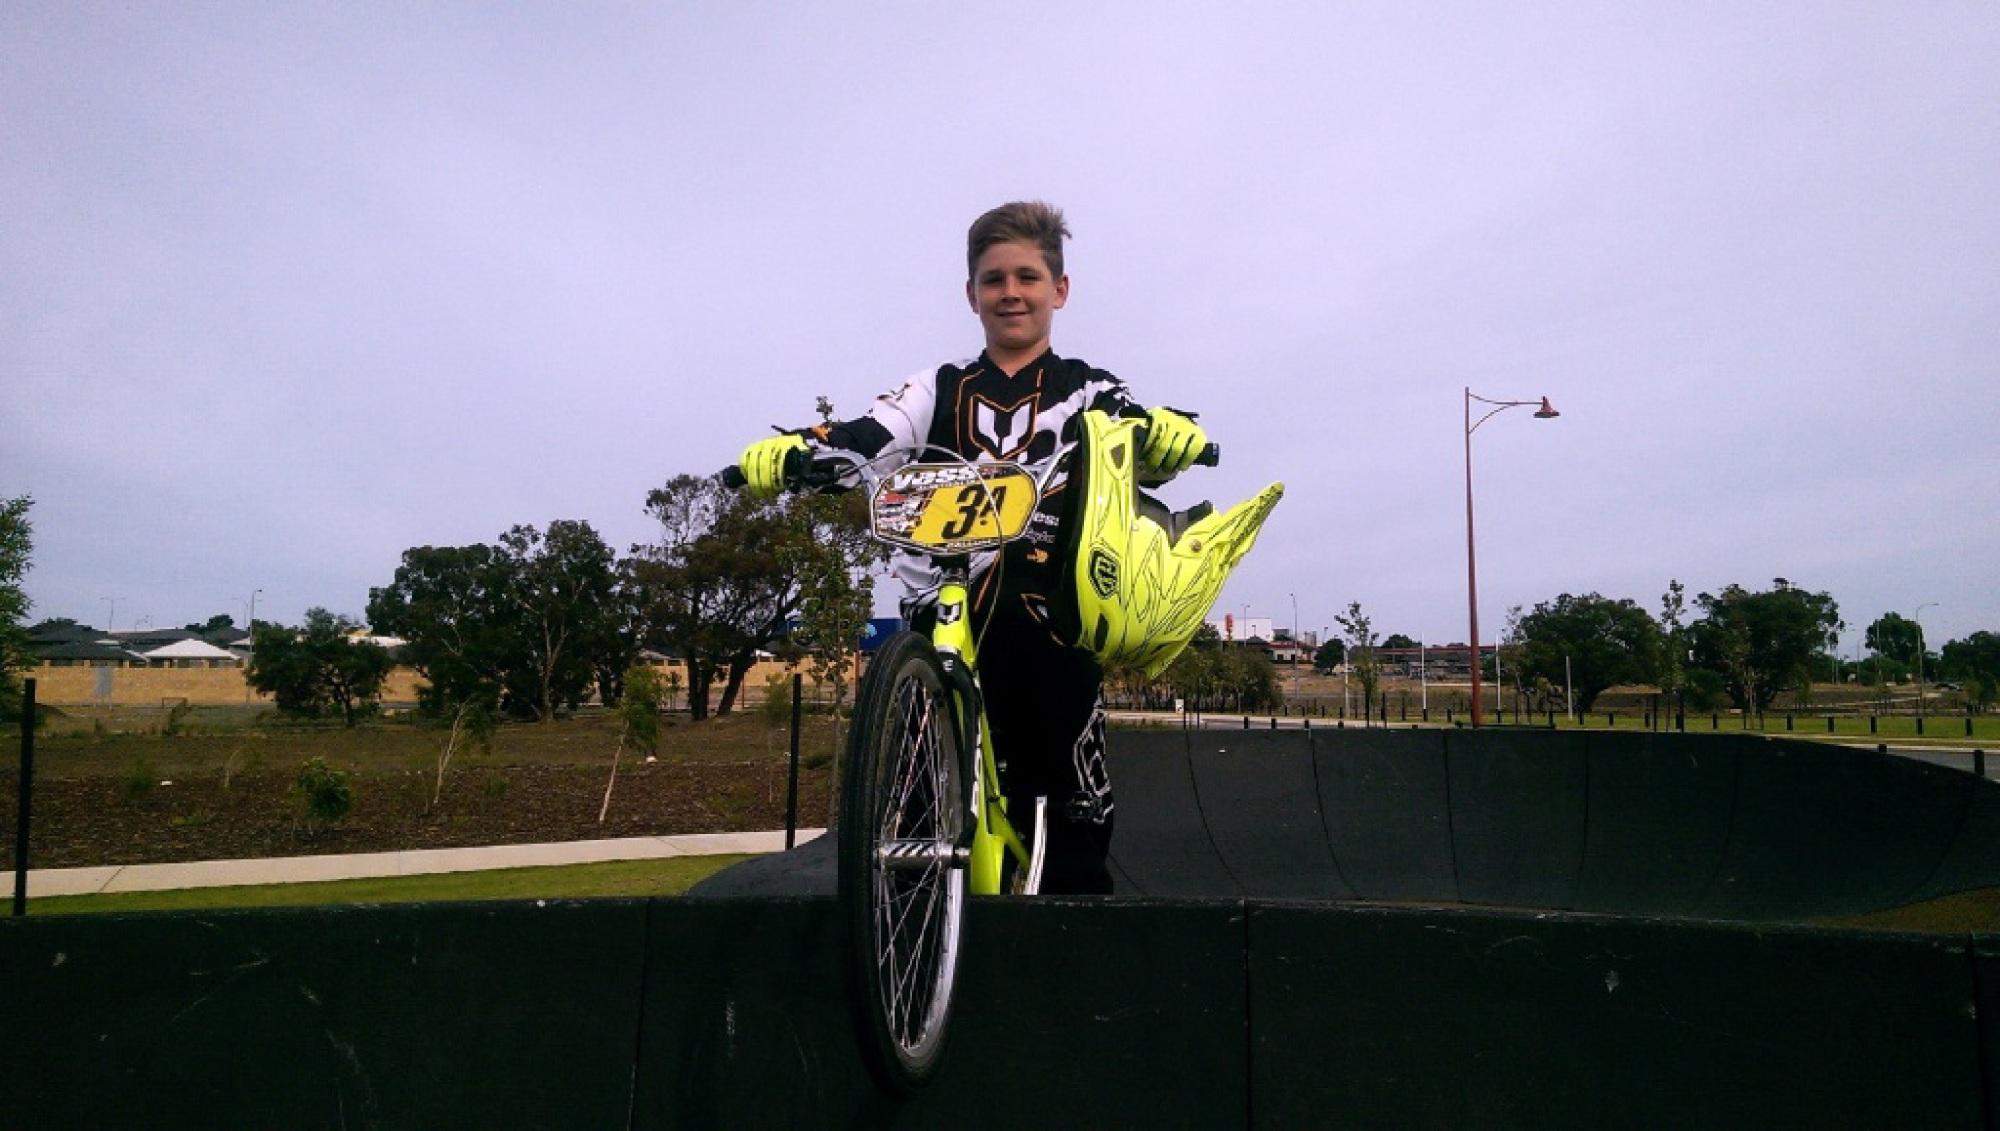 Talented young BMX rider Jordan Callum.